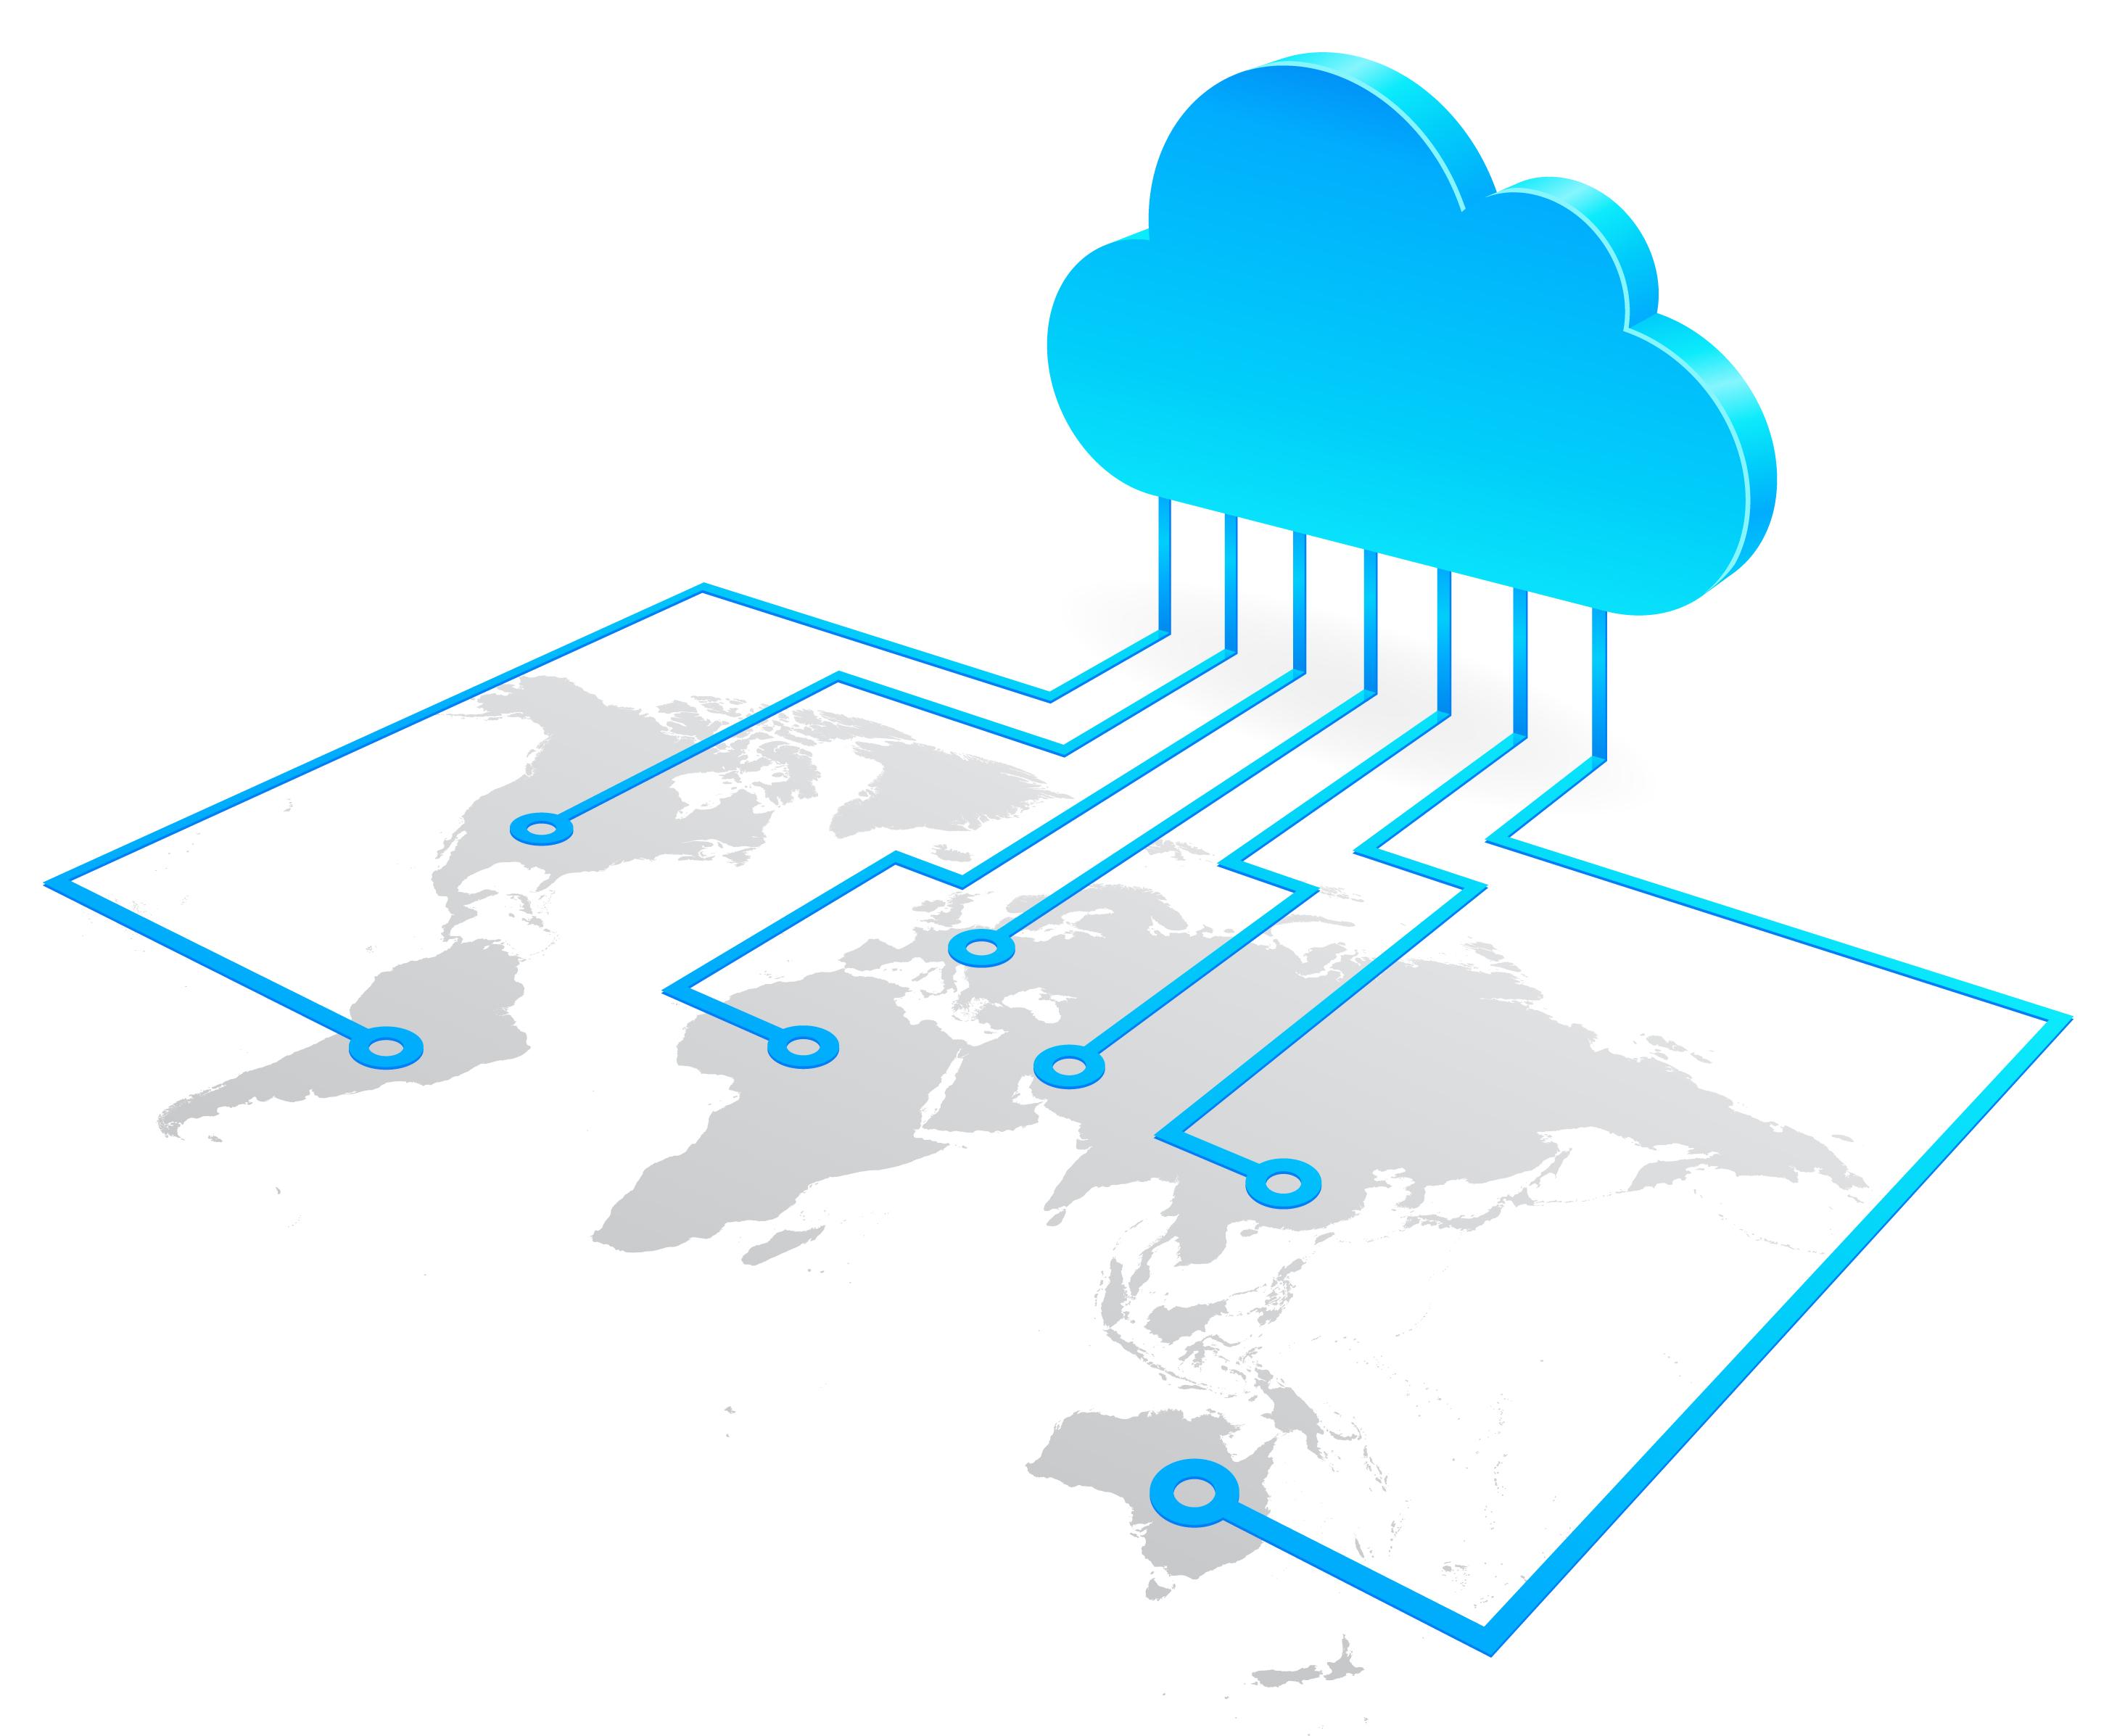 Amazon Pushes Cloud Services into the Enterprise Segment